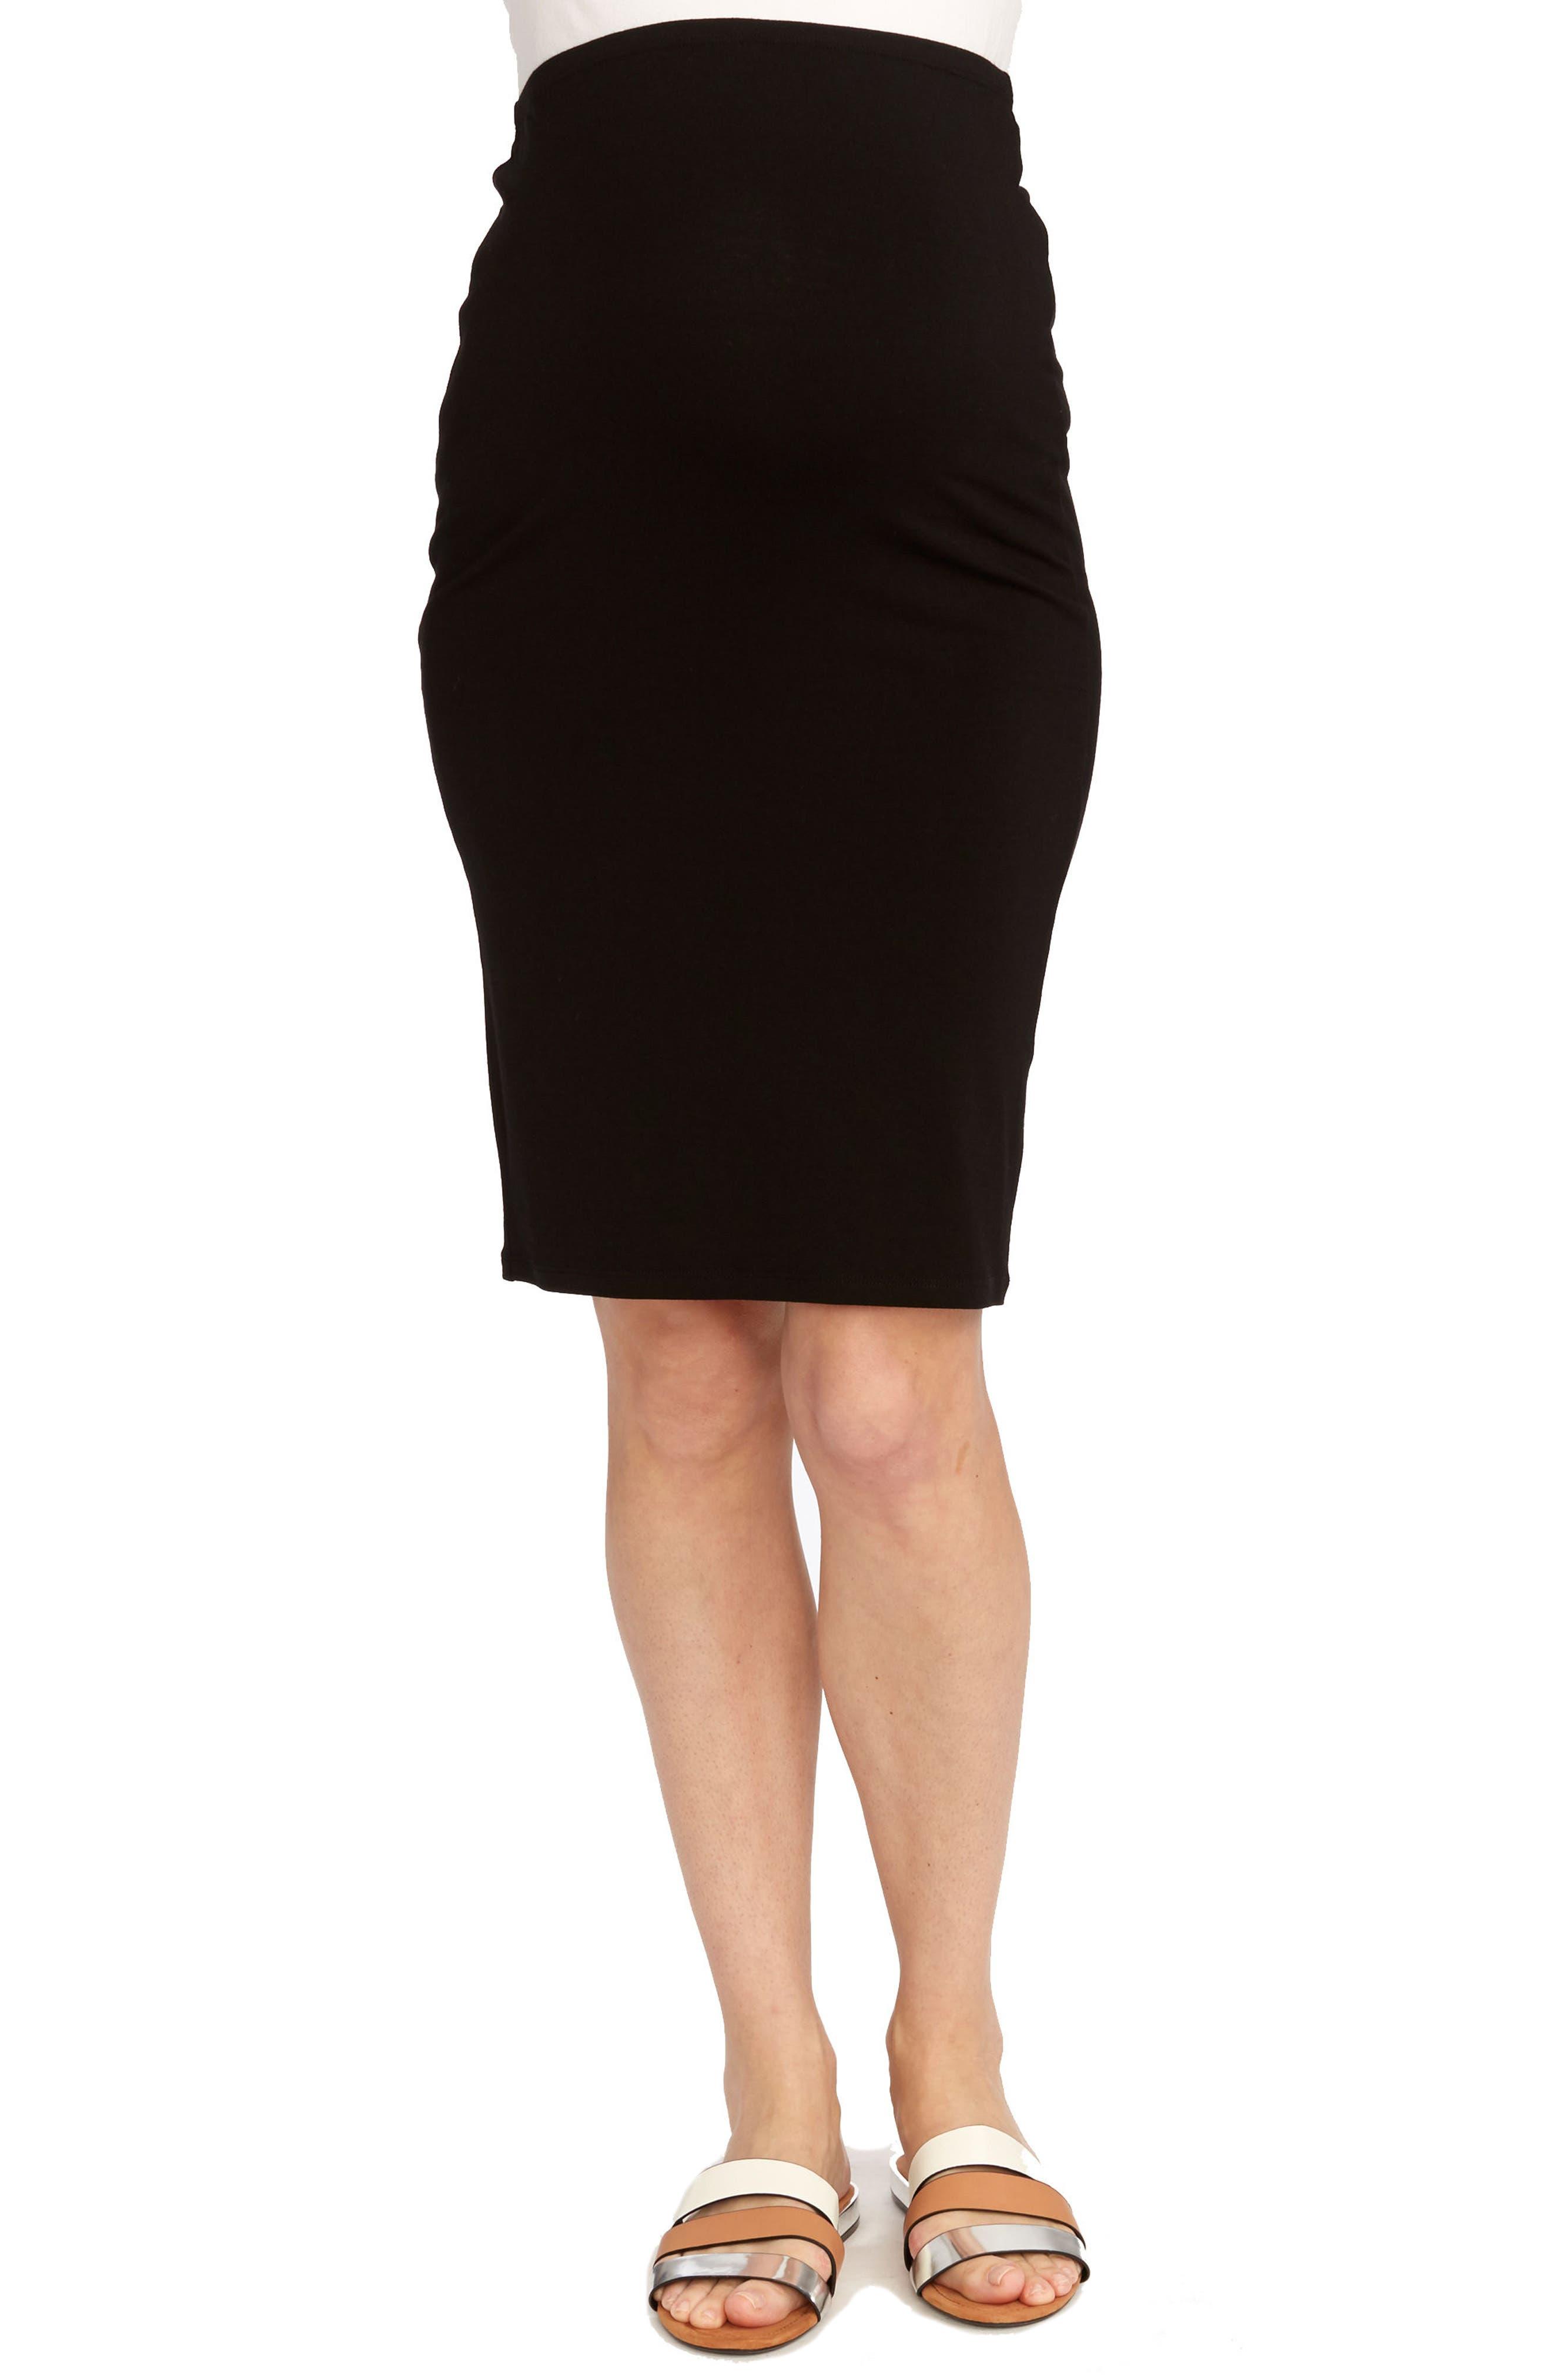 Rosie Pope Adeline Maternity Skirt